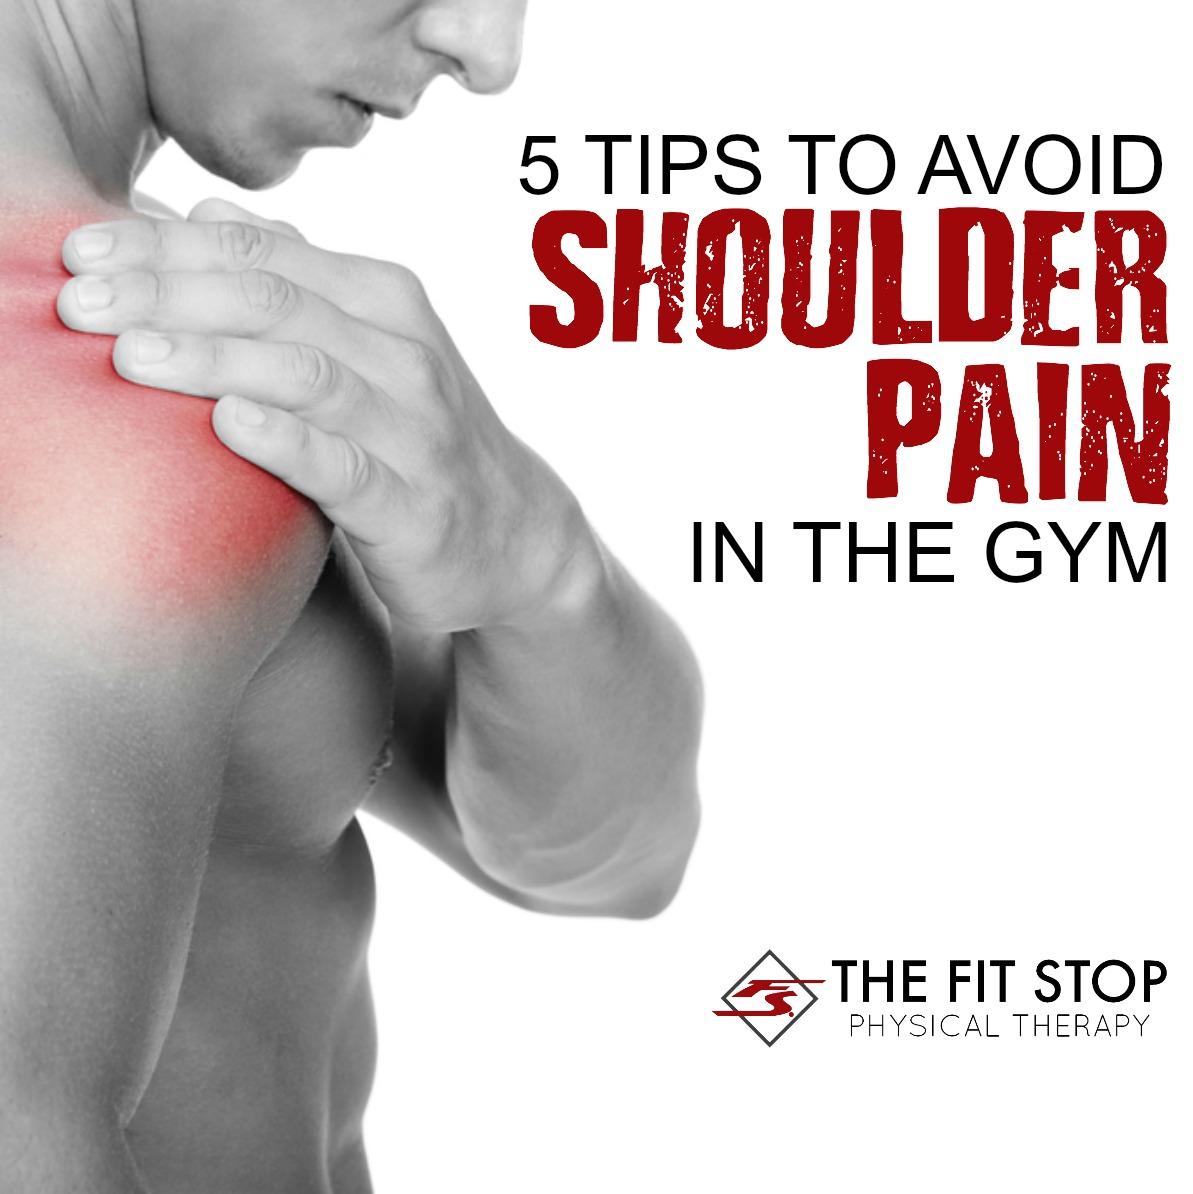 shoulder pain when lifting | Crohn